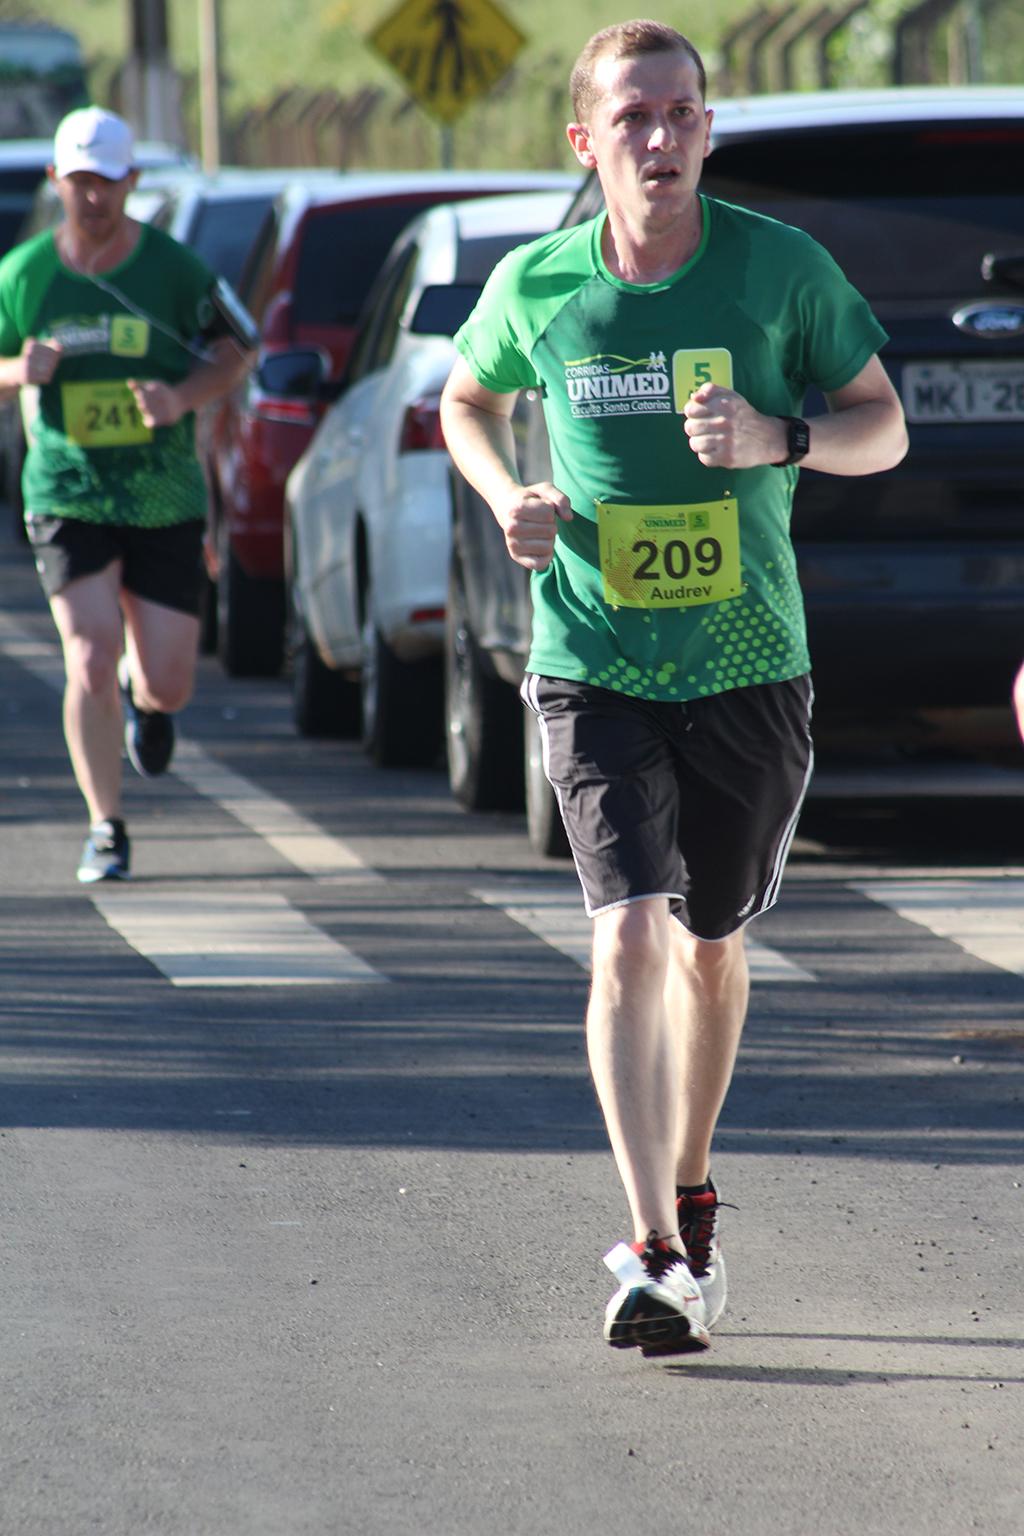 Circuito Unimed : Di online circuito unimed reúne mais de mil corredores em chapecó